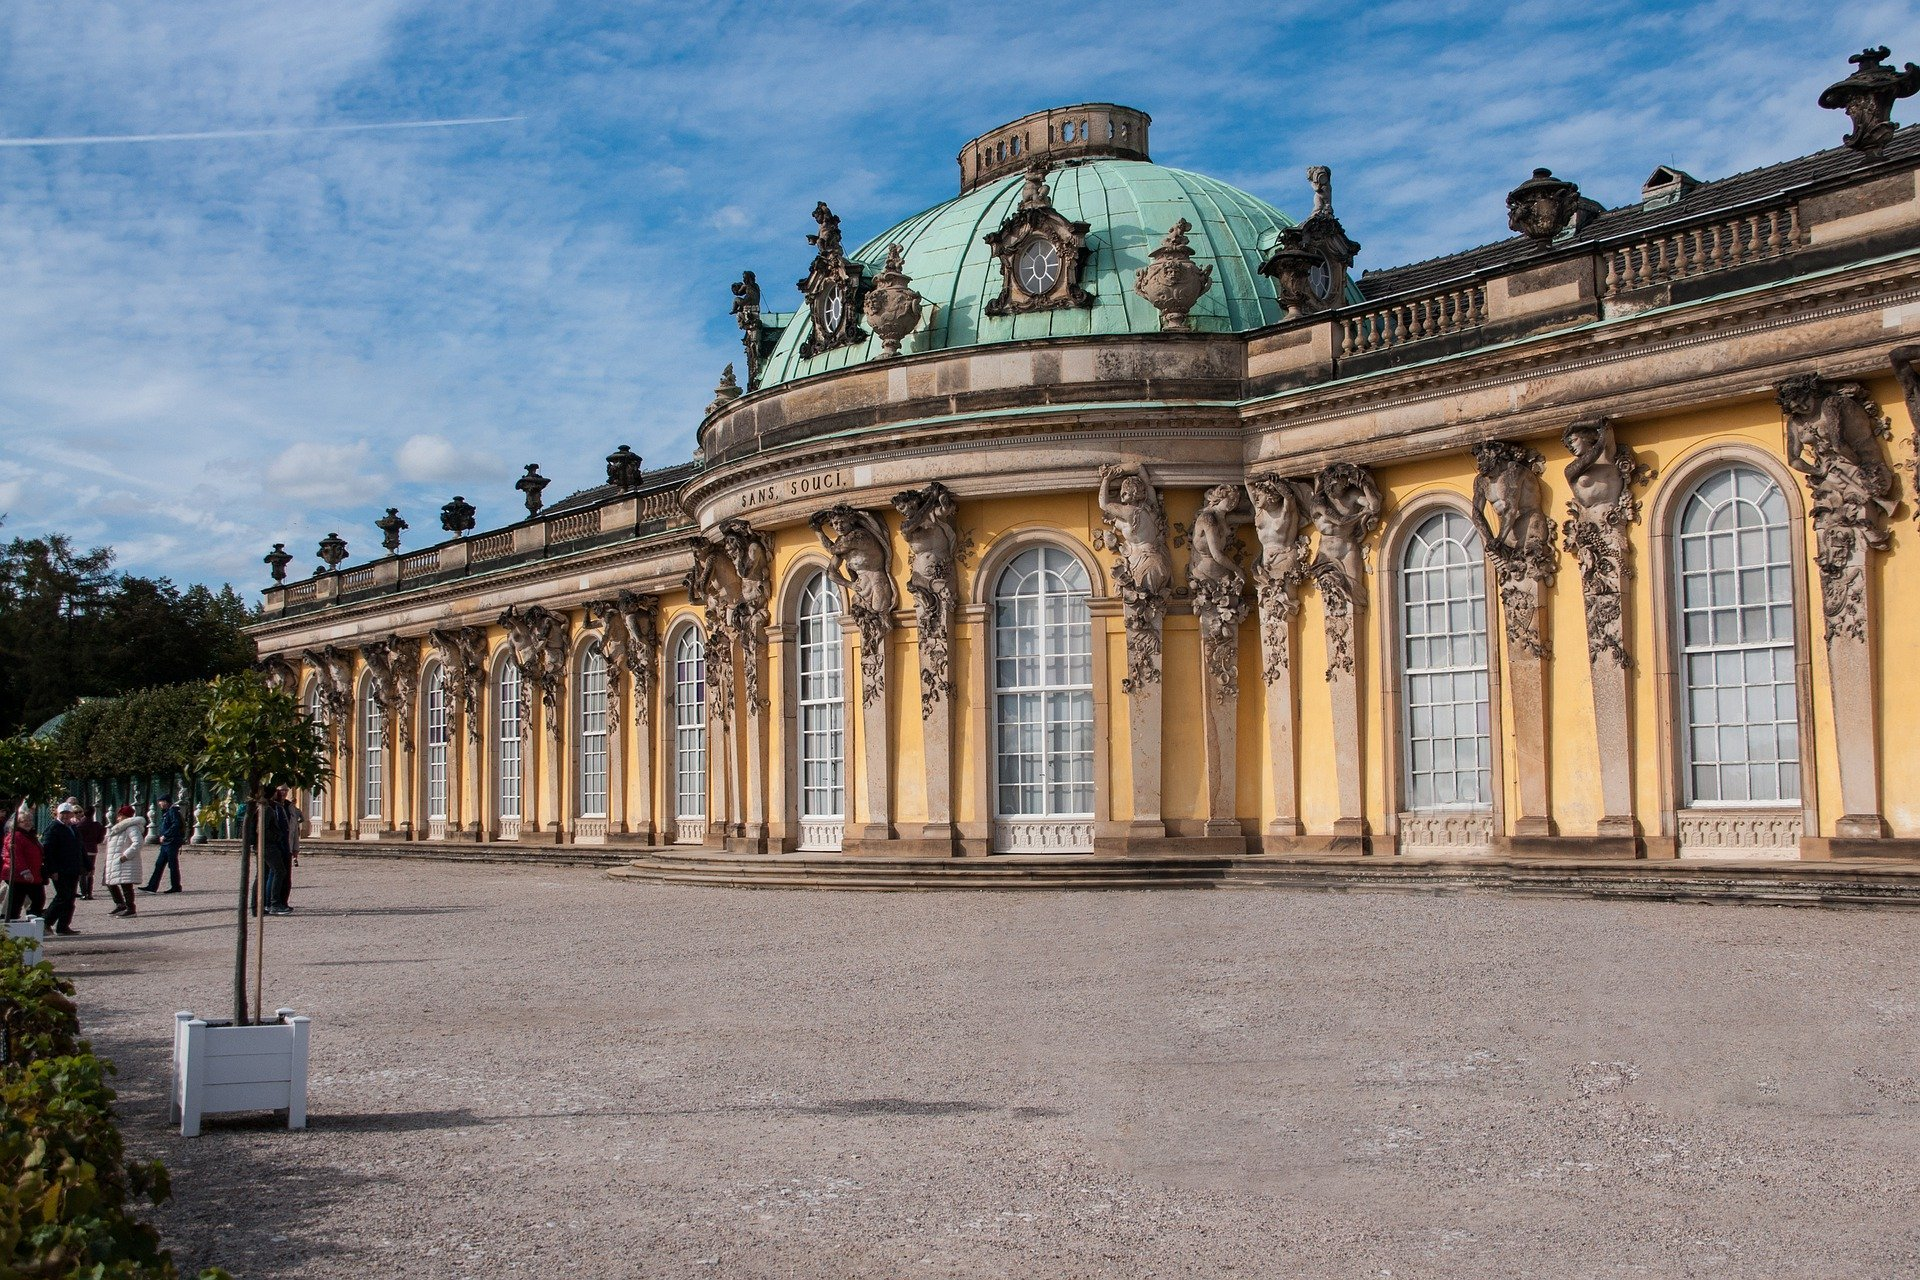 Regierungsgebäude in Potsdam